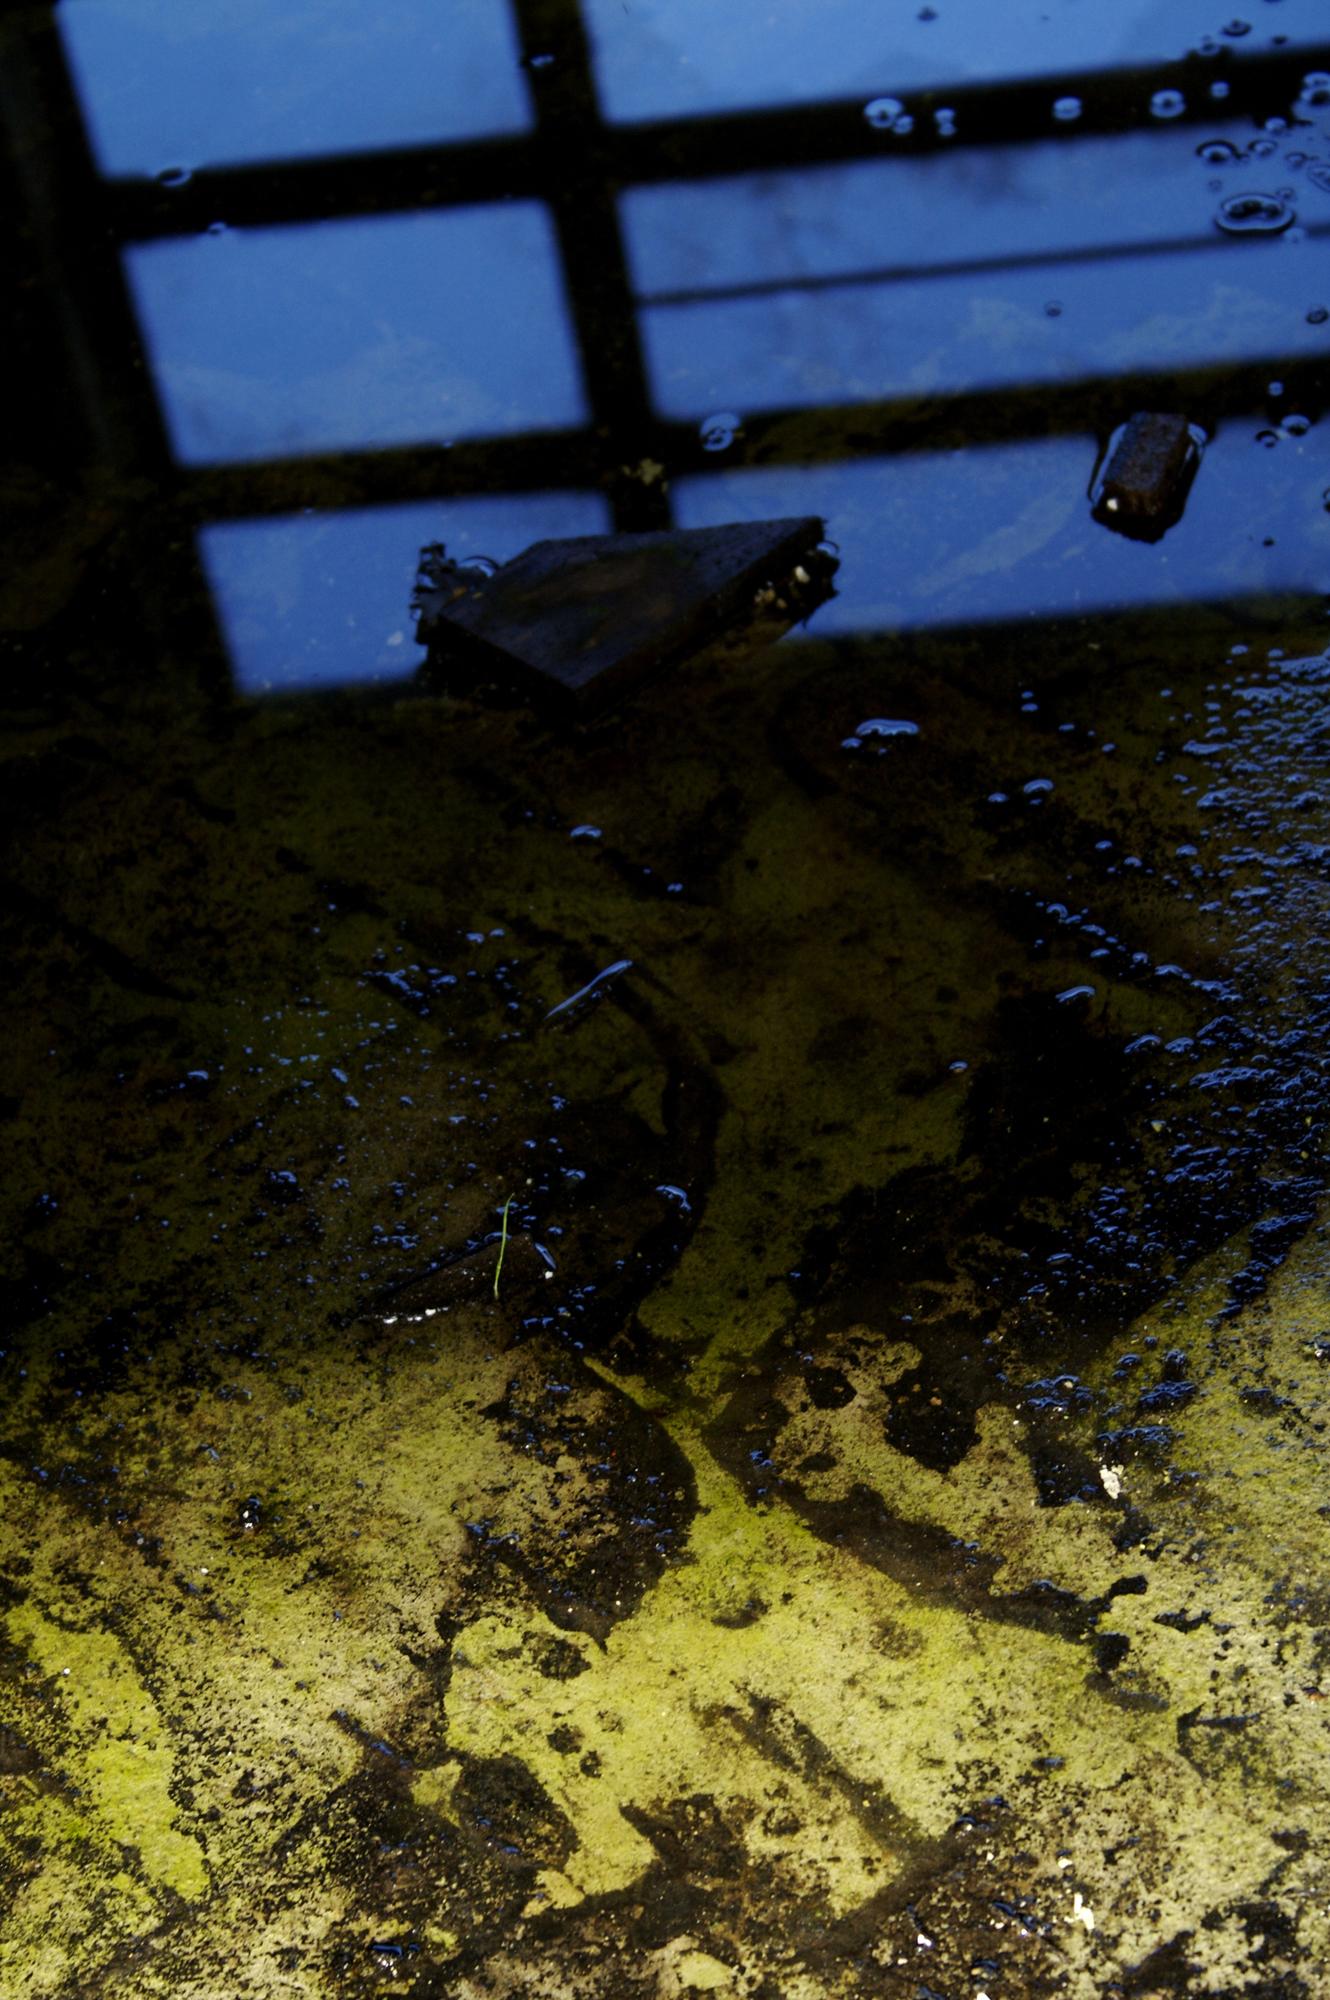 Wet floor, Blue, Bspo06, Floor, Green, HQ Photo